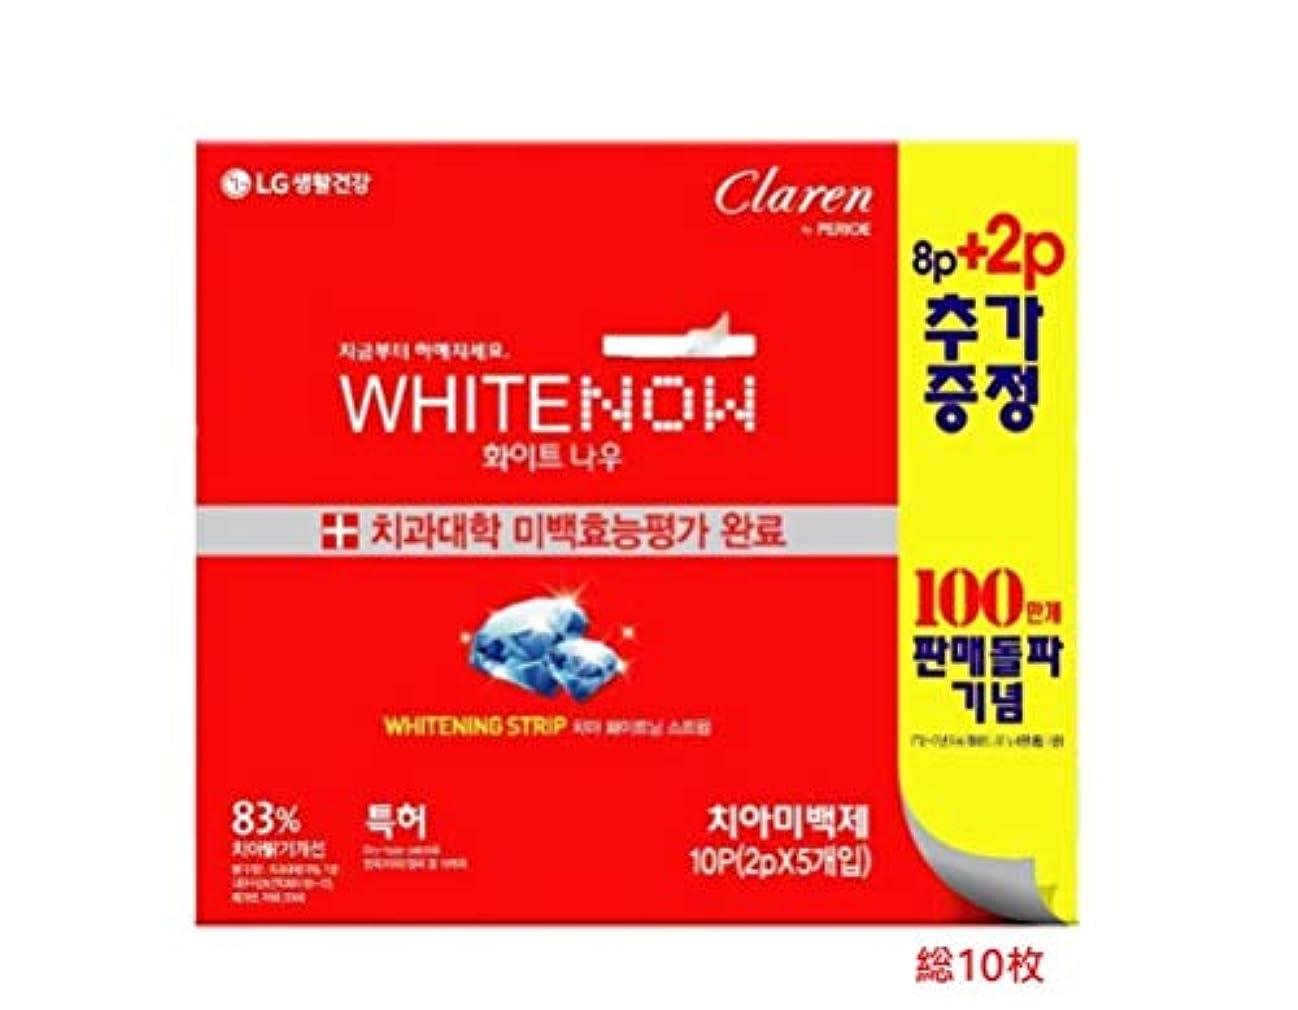 LG生活健康 ☆ホワイトナウ ホワイトニング ストリップ(10枚入り)(歯ビハクステッカー) / White Now Whitening Strip 10pcs [並行輸入品]